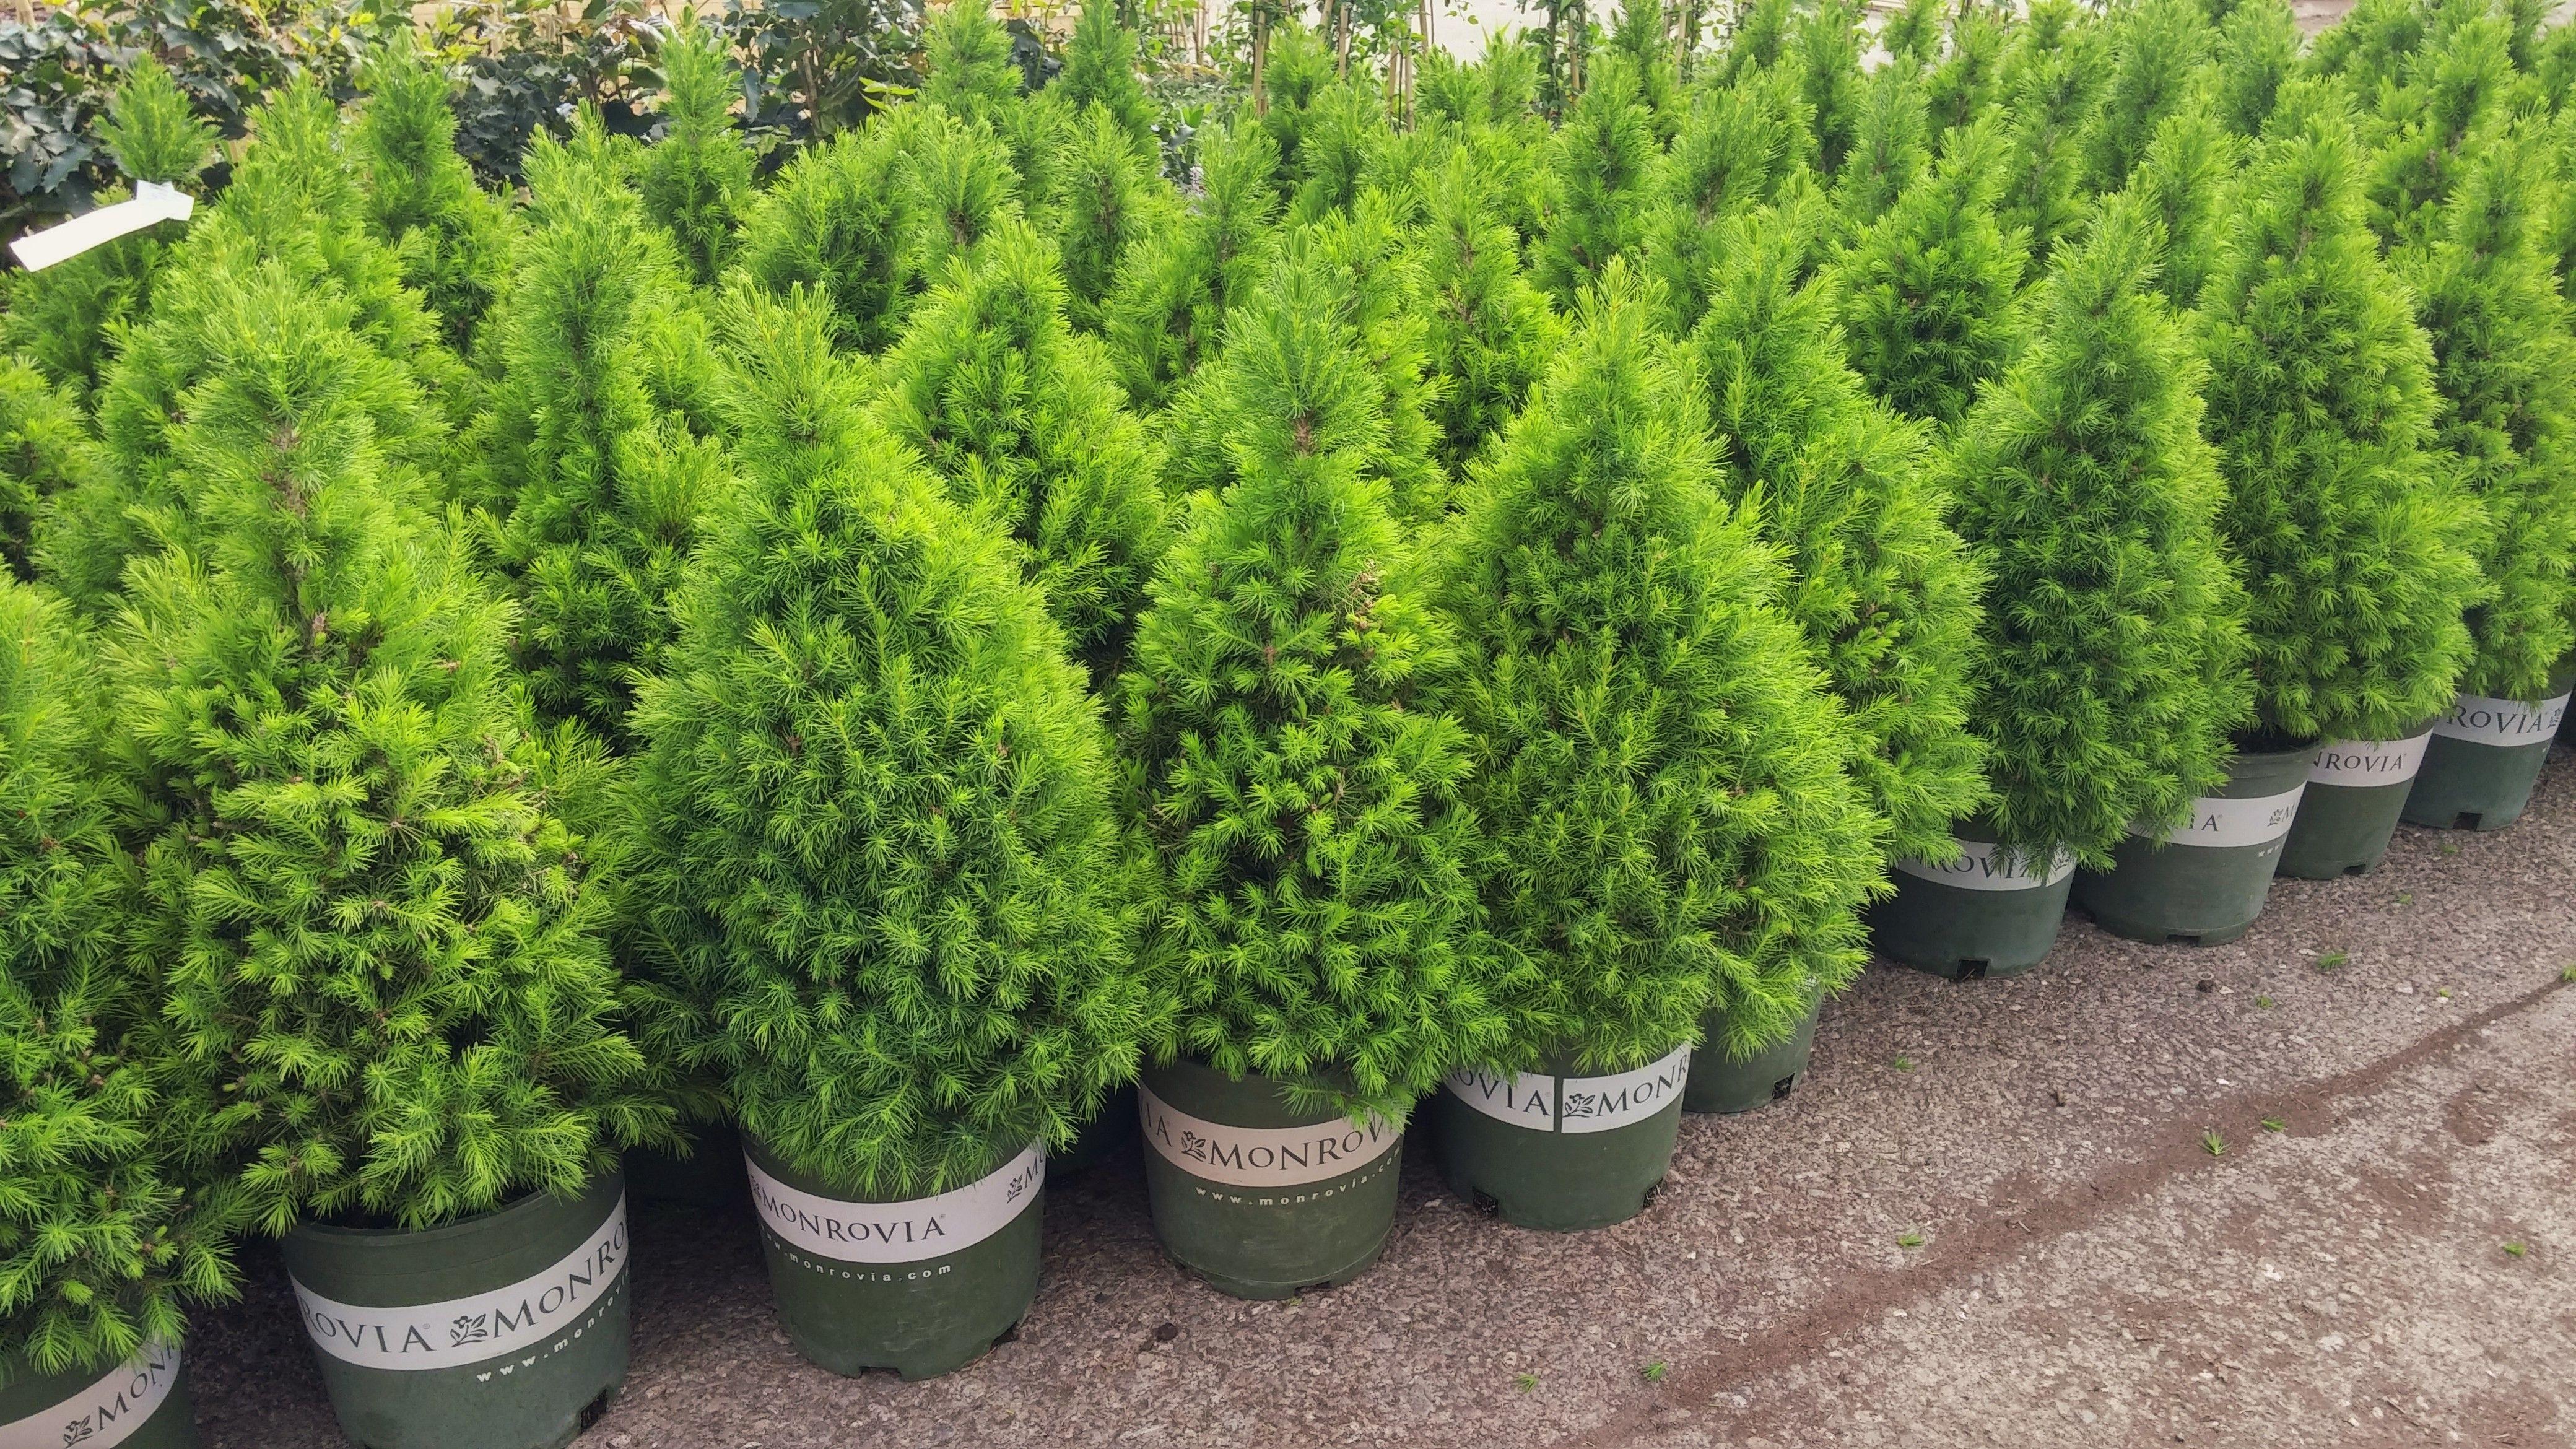 dwarf alberta spruce - perfect